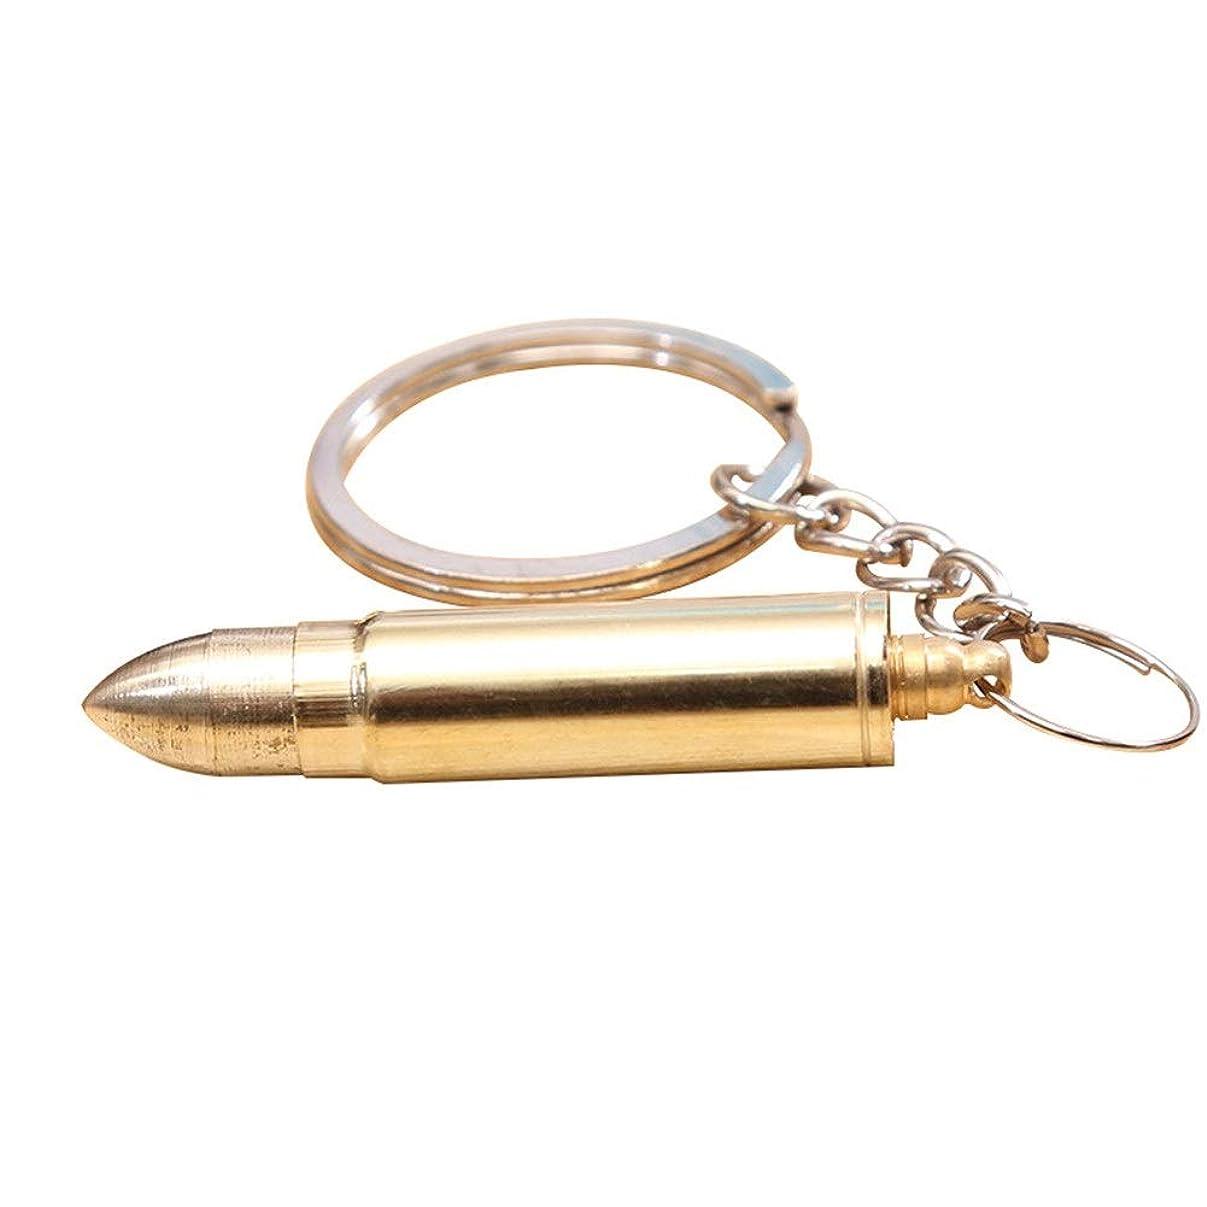 浮浪者ほんの湖ZHQI-GH 弾丸形の耳垢クリーナーポータブル折りたたみ式の耳のワックスの取り外しツール耳のスプーンの耳かき付きキーホルダー27 (色 : Gold, Size : 1pcs)